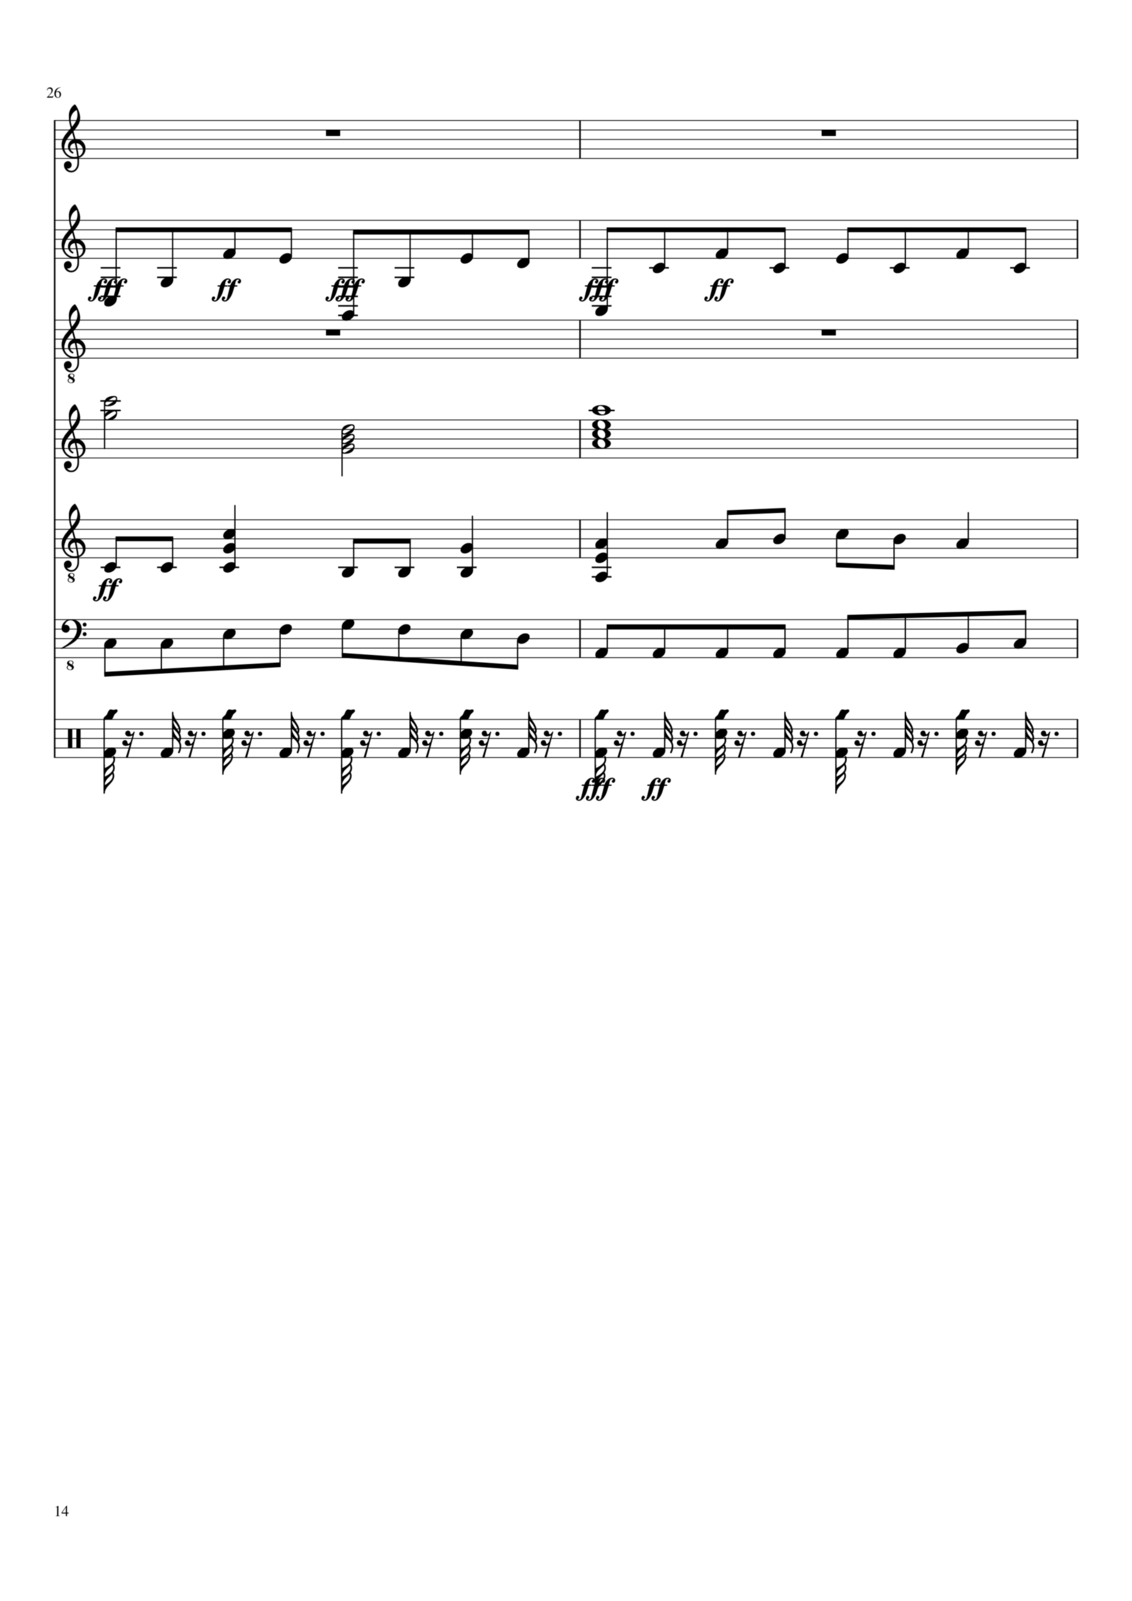 Proschanie s volshebnoy stranoy slide, Image 14